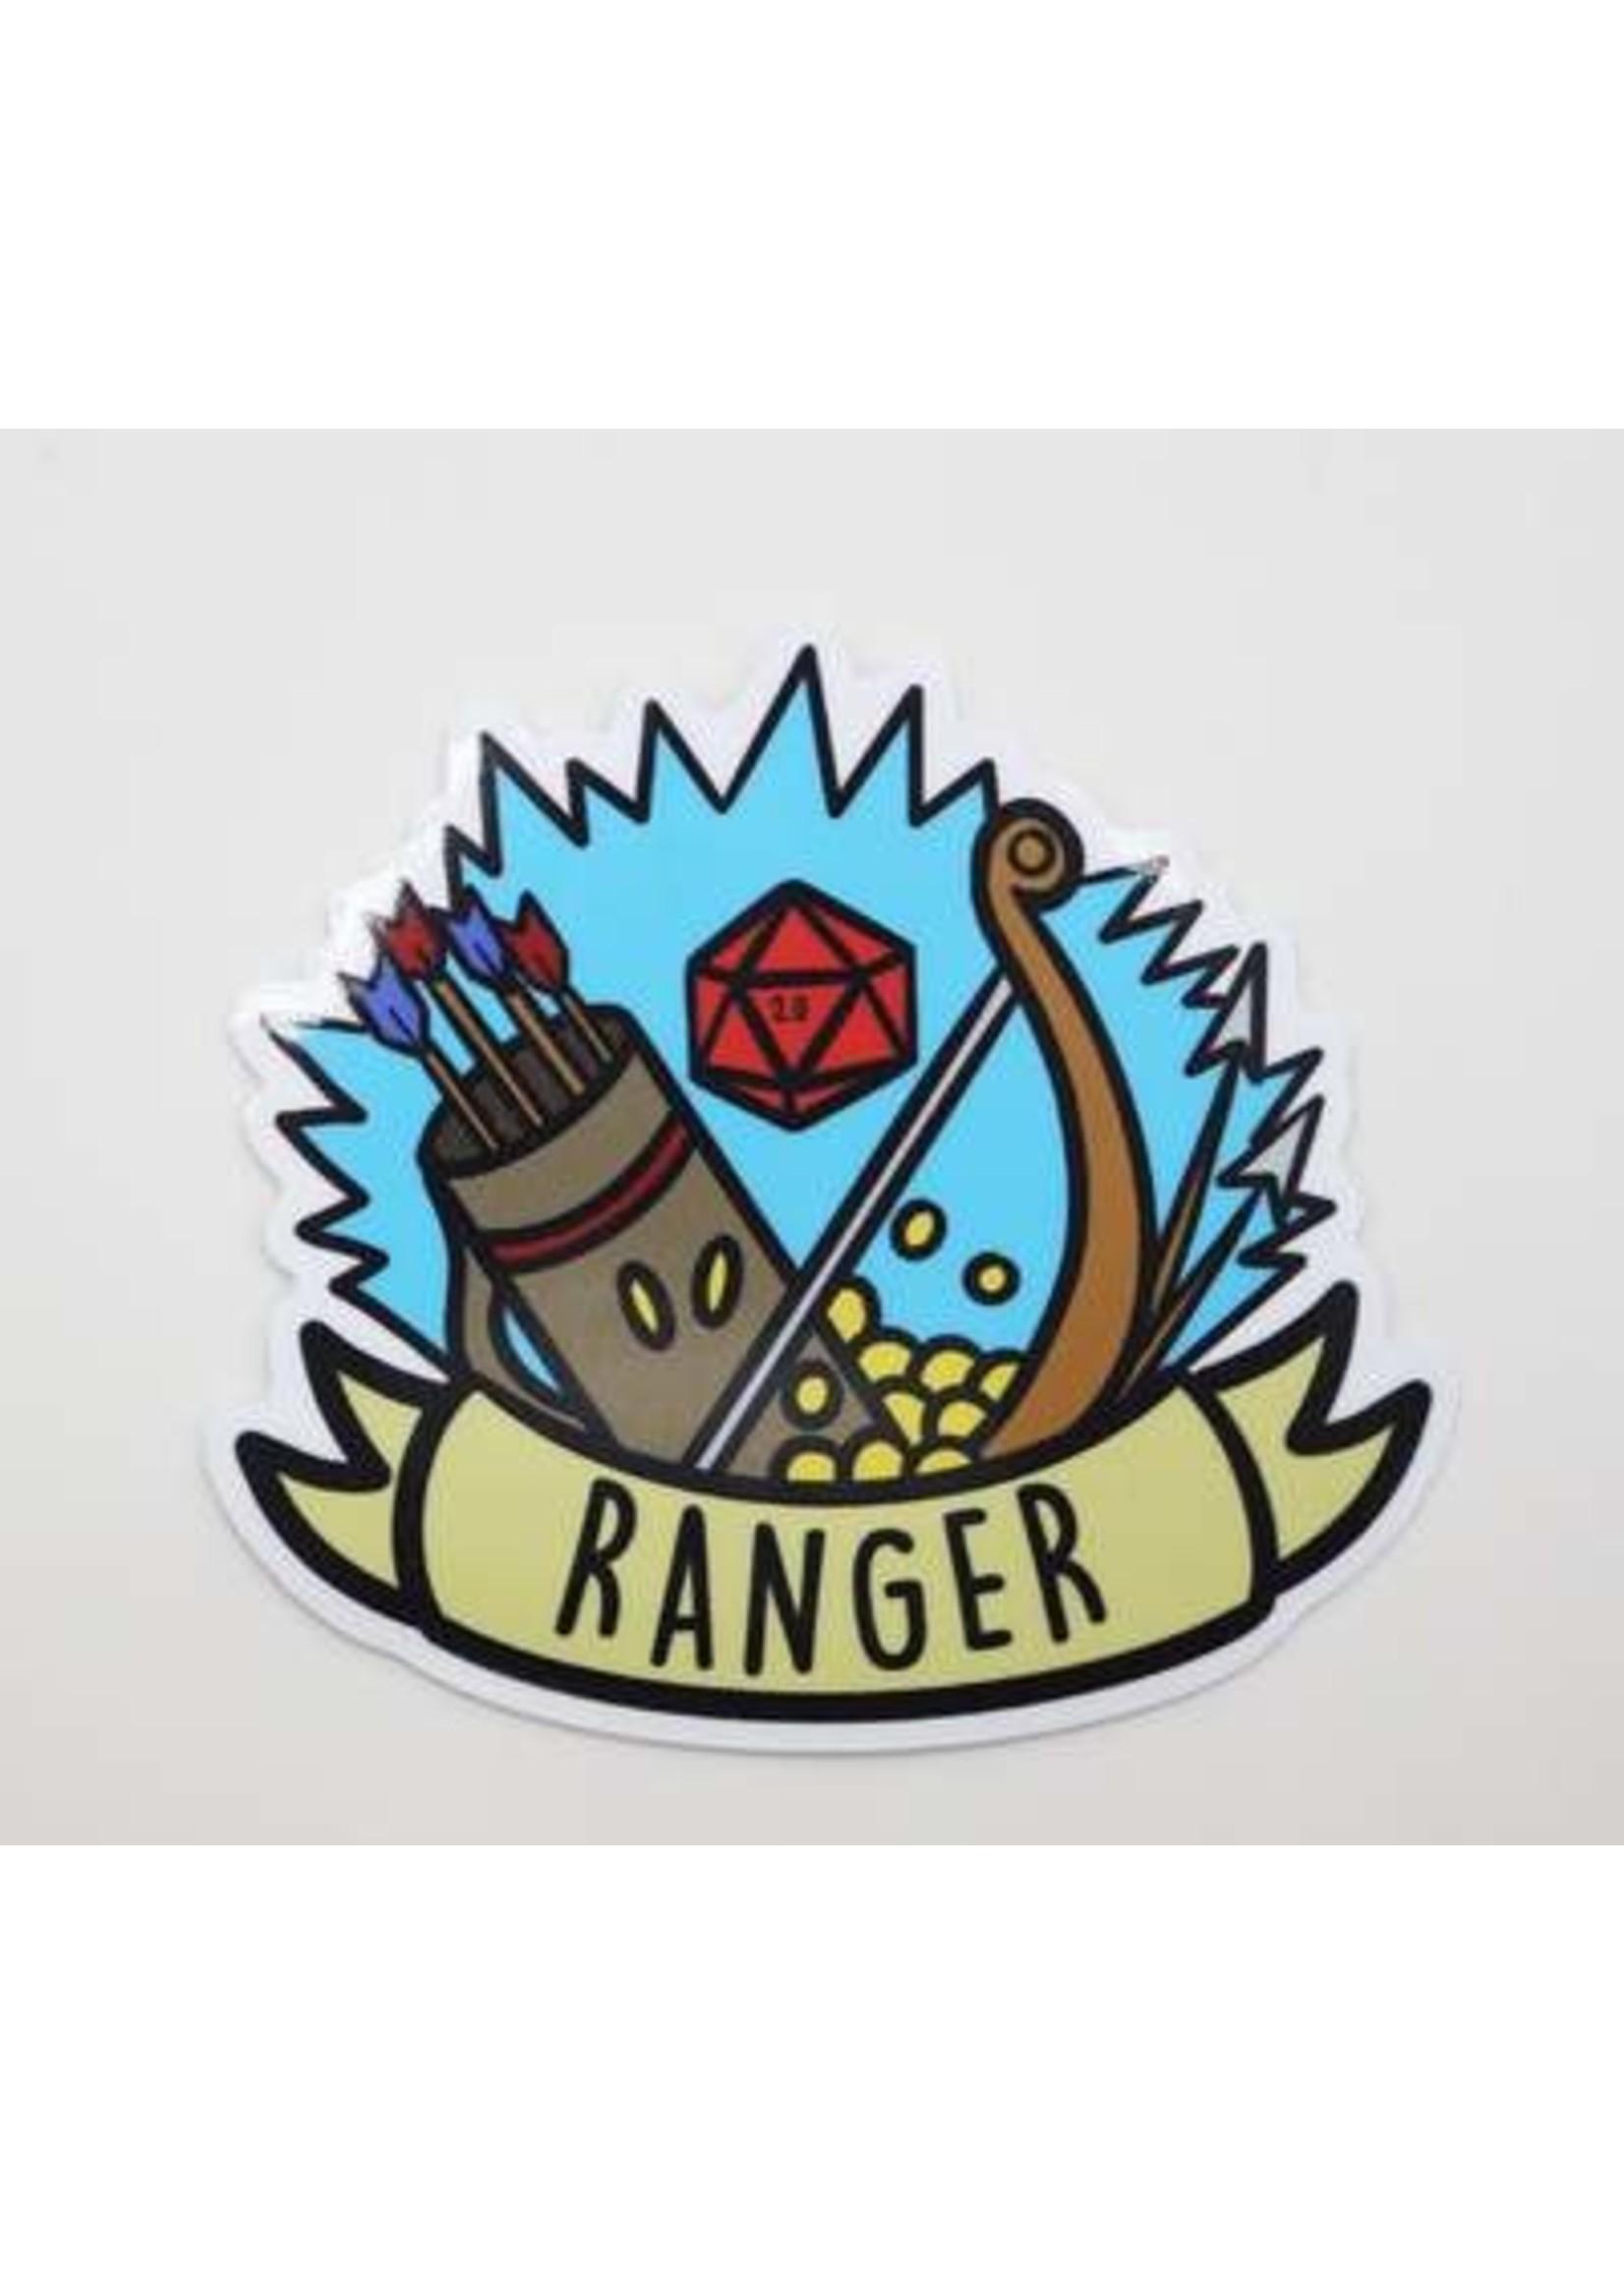 Banner Class Sticker: Ranger